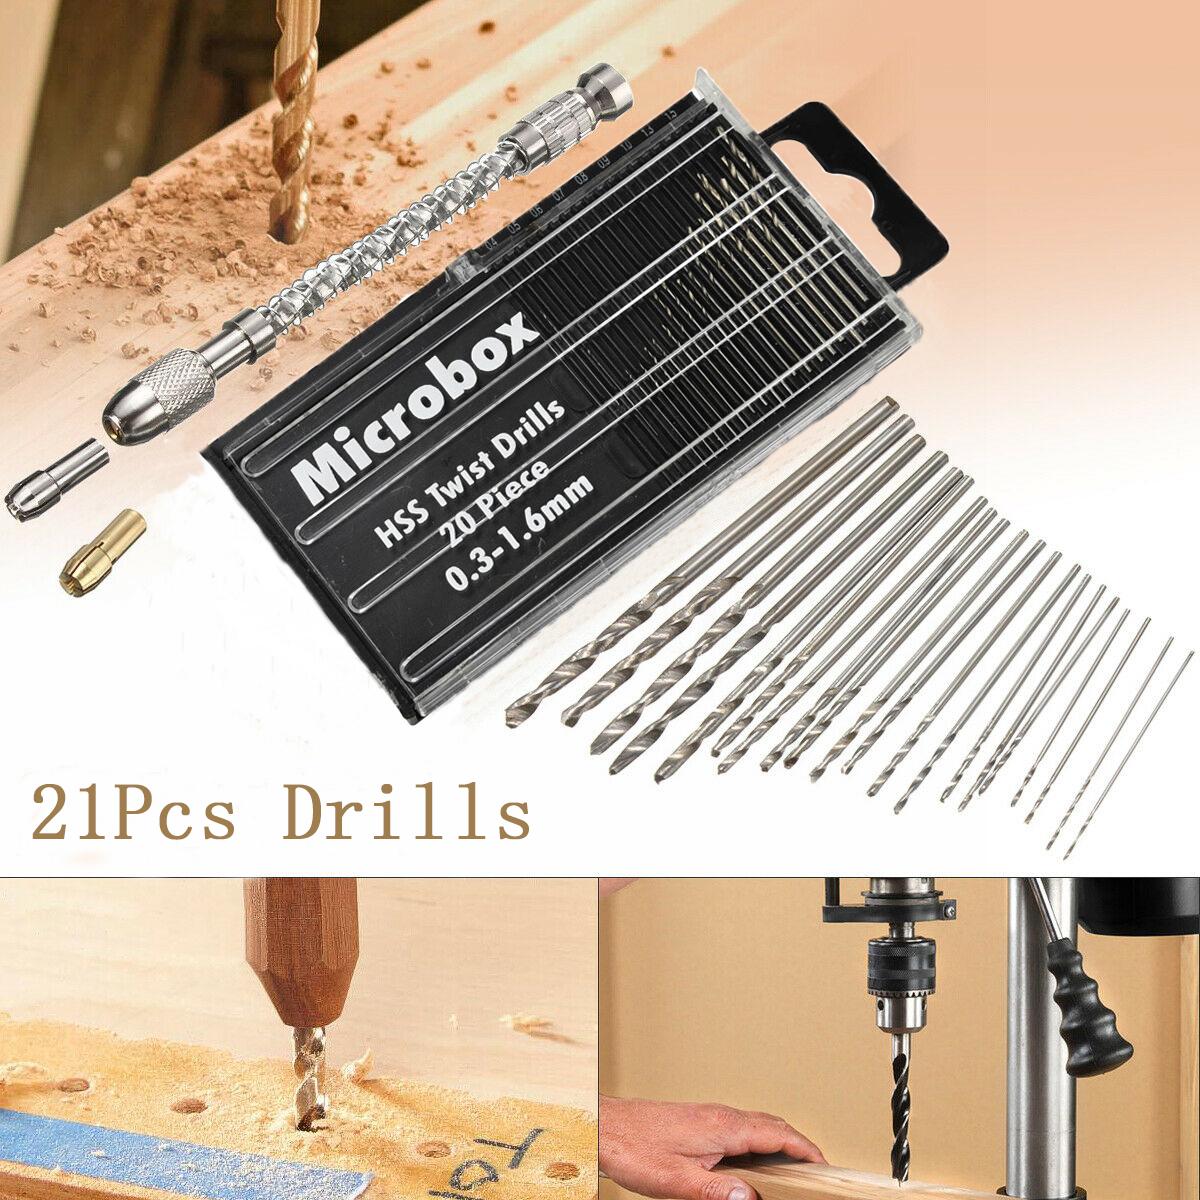 21Pcs HSS Mini Micro Spiral Hand Manual Push Drill Chuck Twist Pin Vise Bit Semi-automatic hand drill +20pc small drill